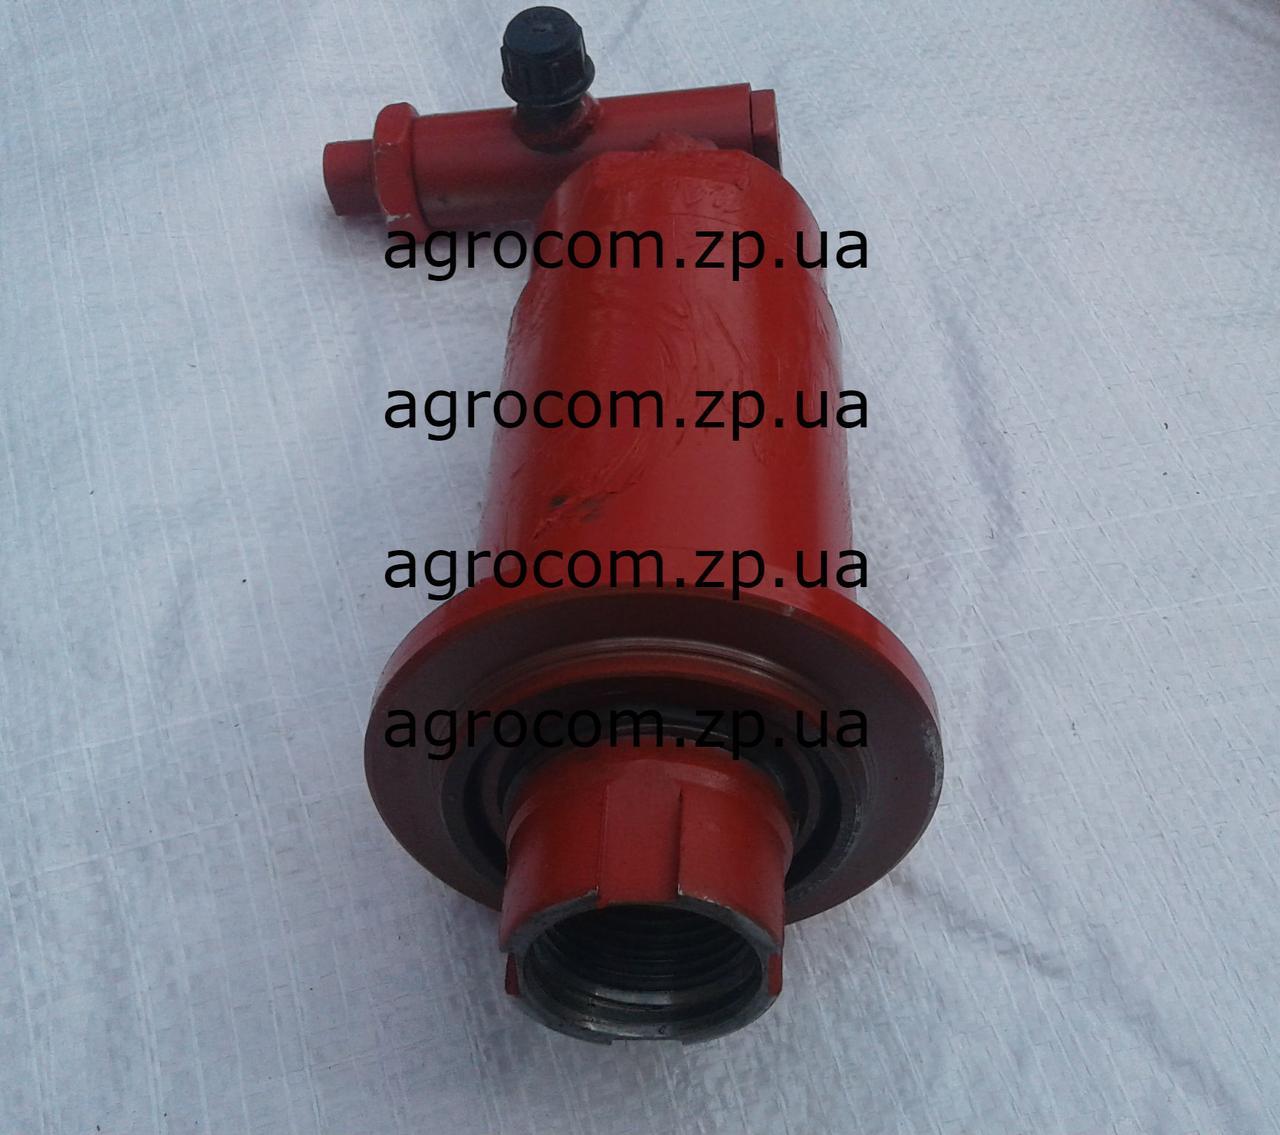 Г/цилиндр вариатора барабана СК-5, Нива ГА-76020